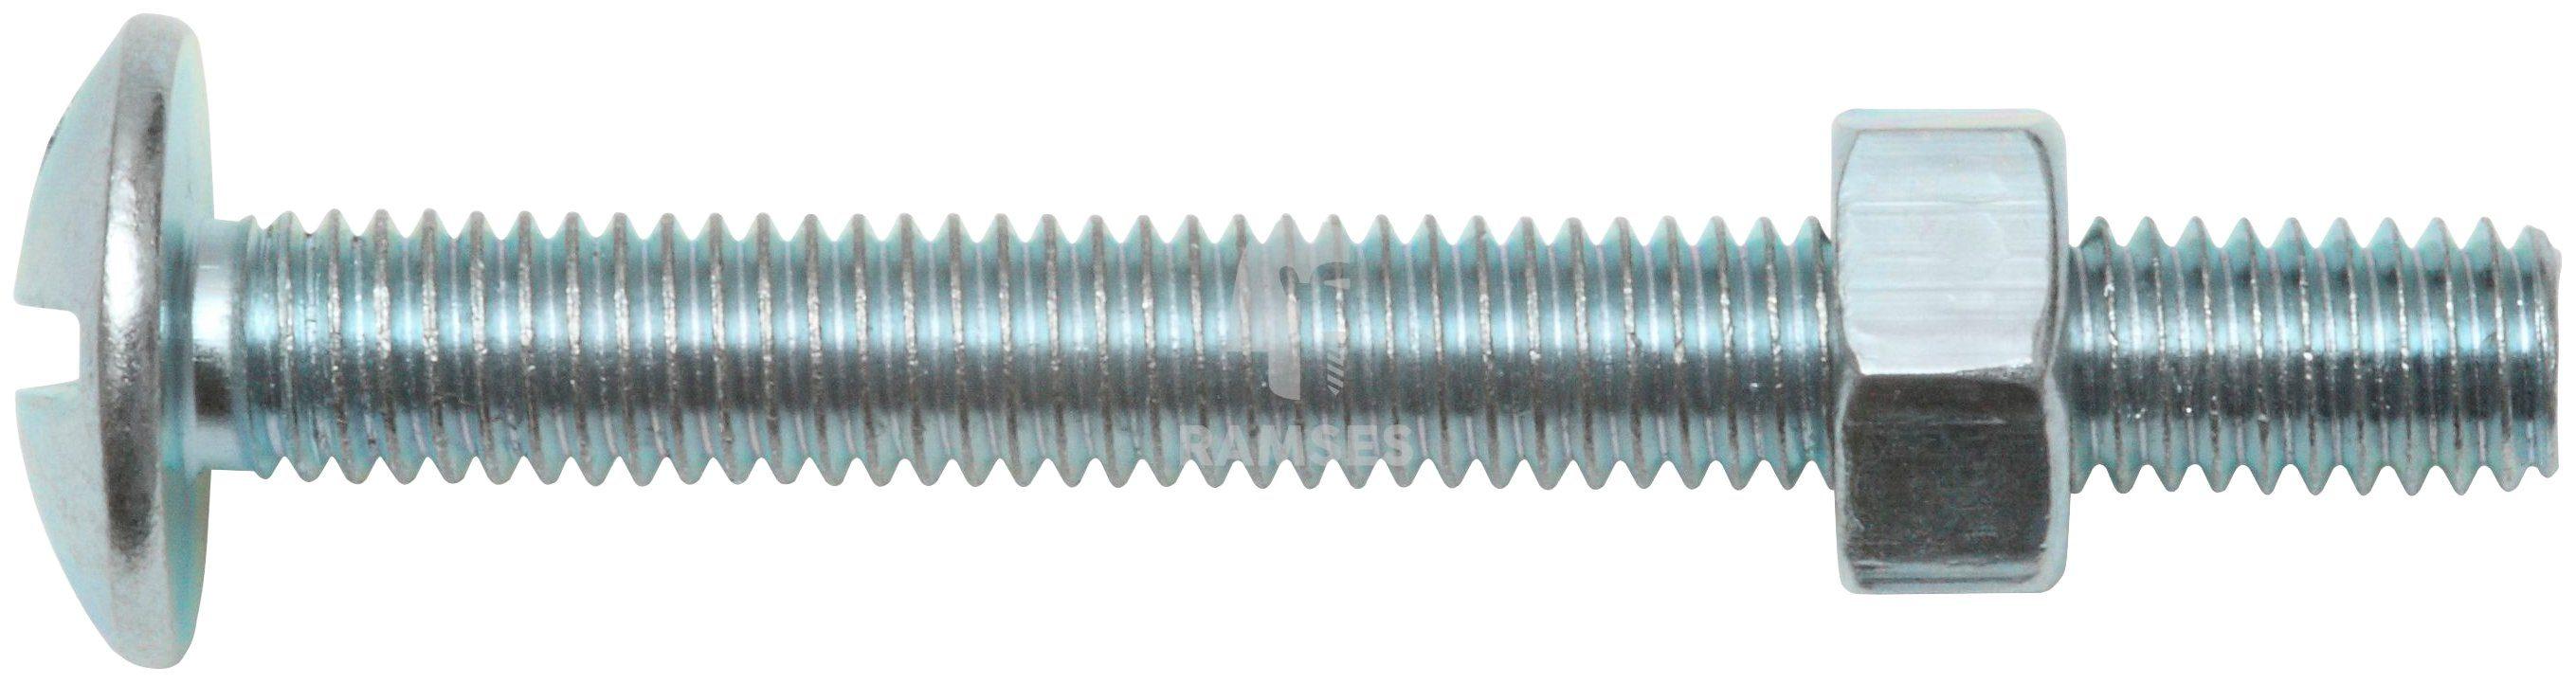 RAMSES Schrauben , Möbelschrauben und Mutter M5 x 60 mm 100 Stk.